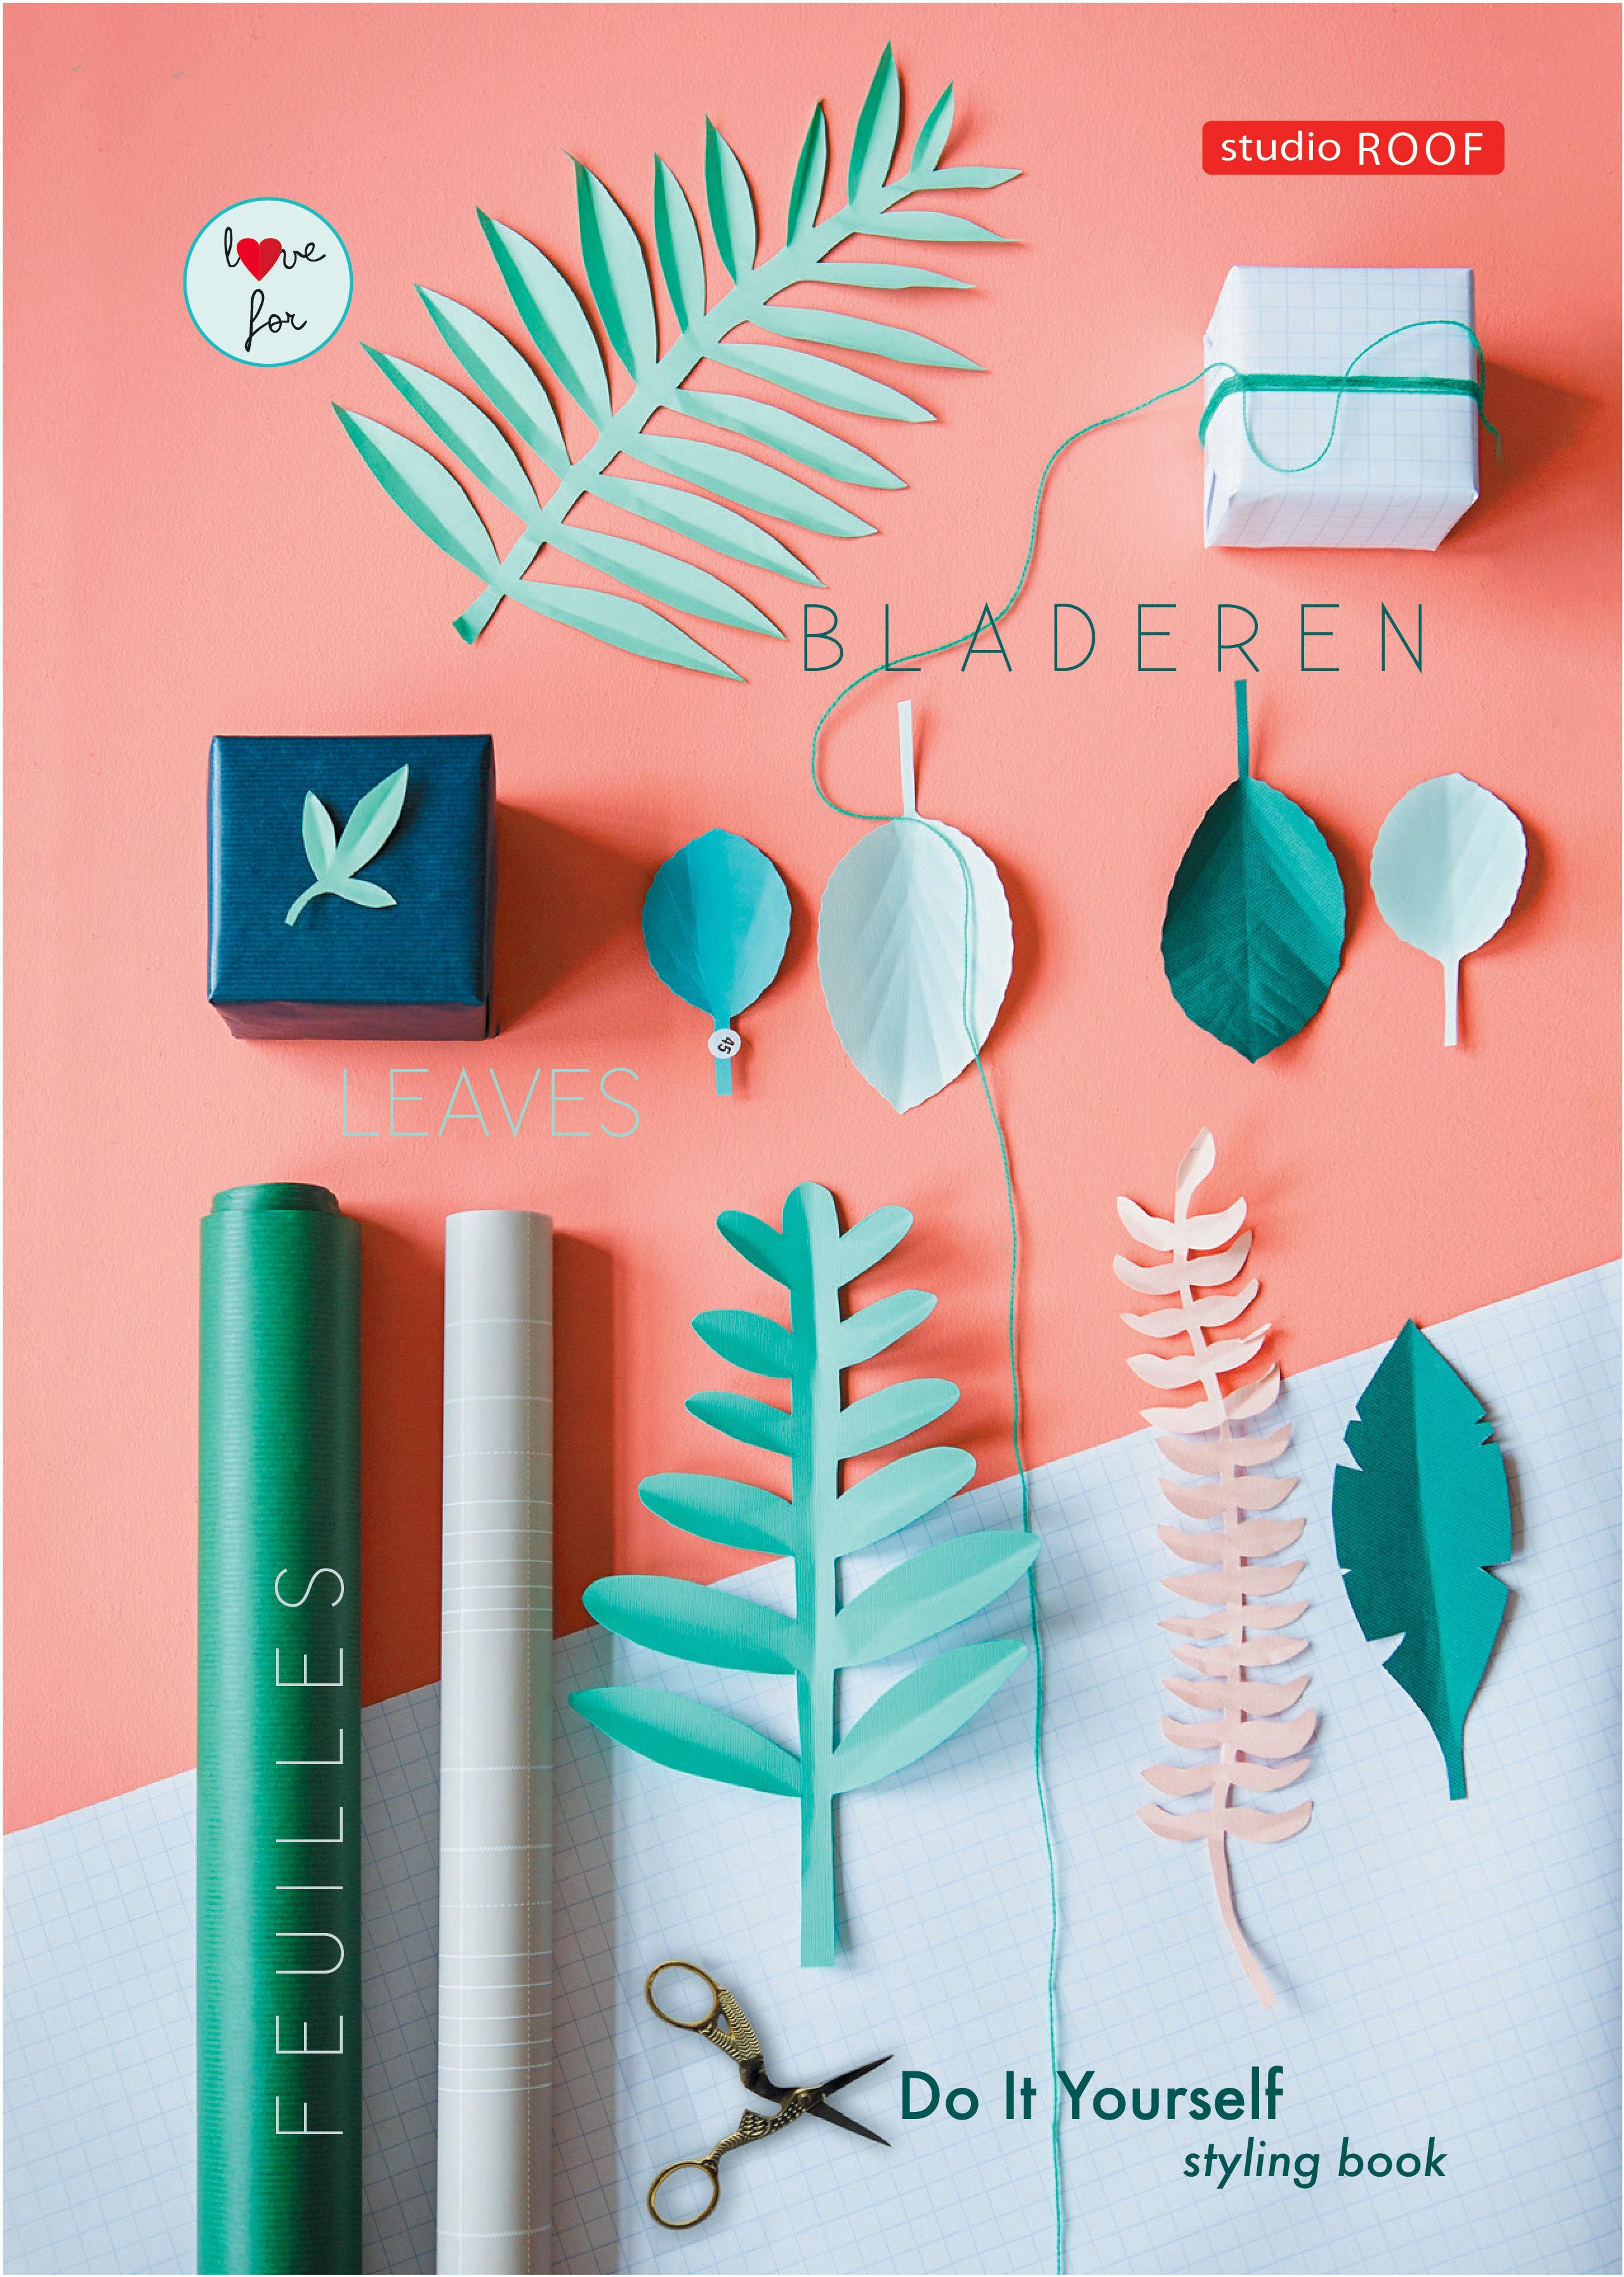 Déco - Pour les enfants - Livre DIY Styling / Activités de découpage - studio ROOF - Feuilles vertes - Papier 120 gr